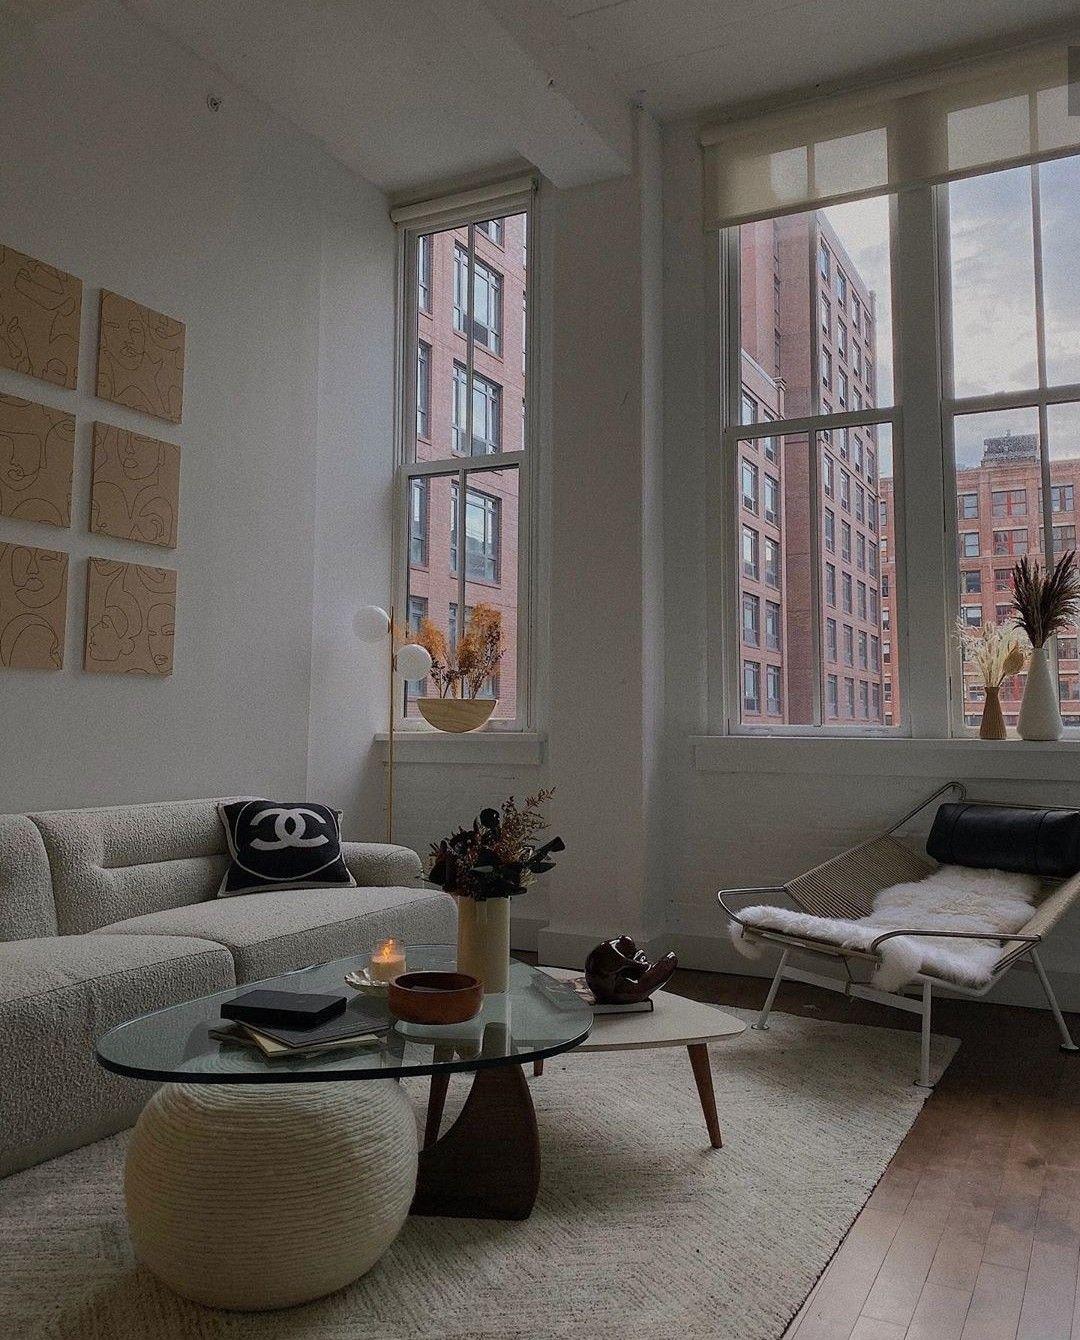 apartment in ny  Apartment interior design, Apartment interior